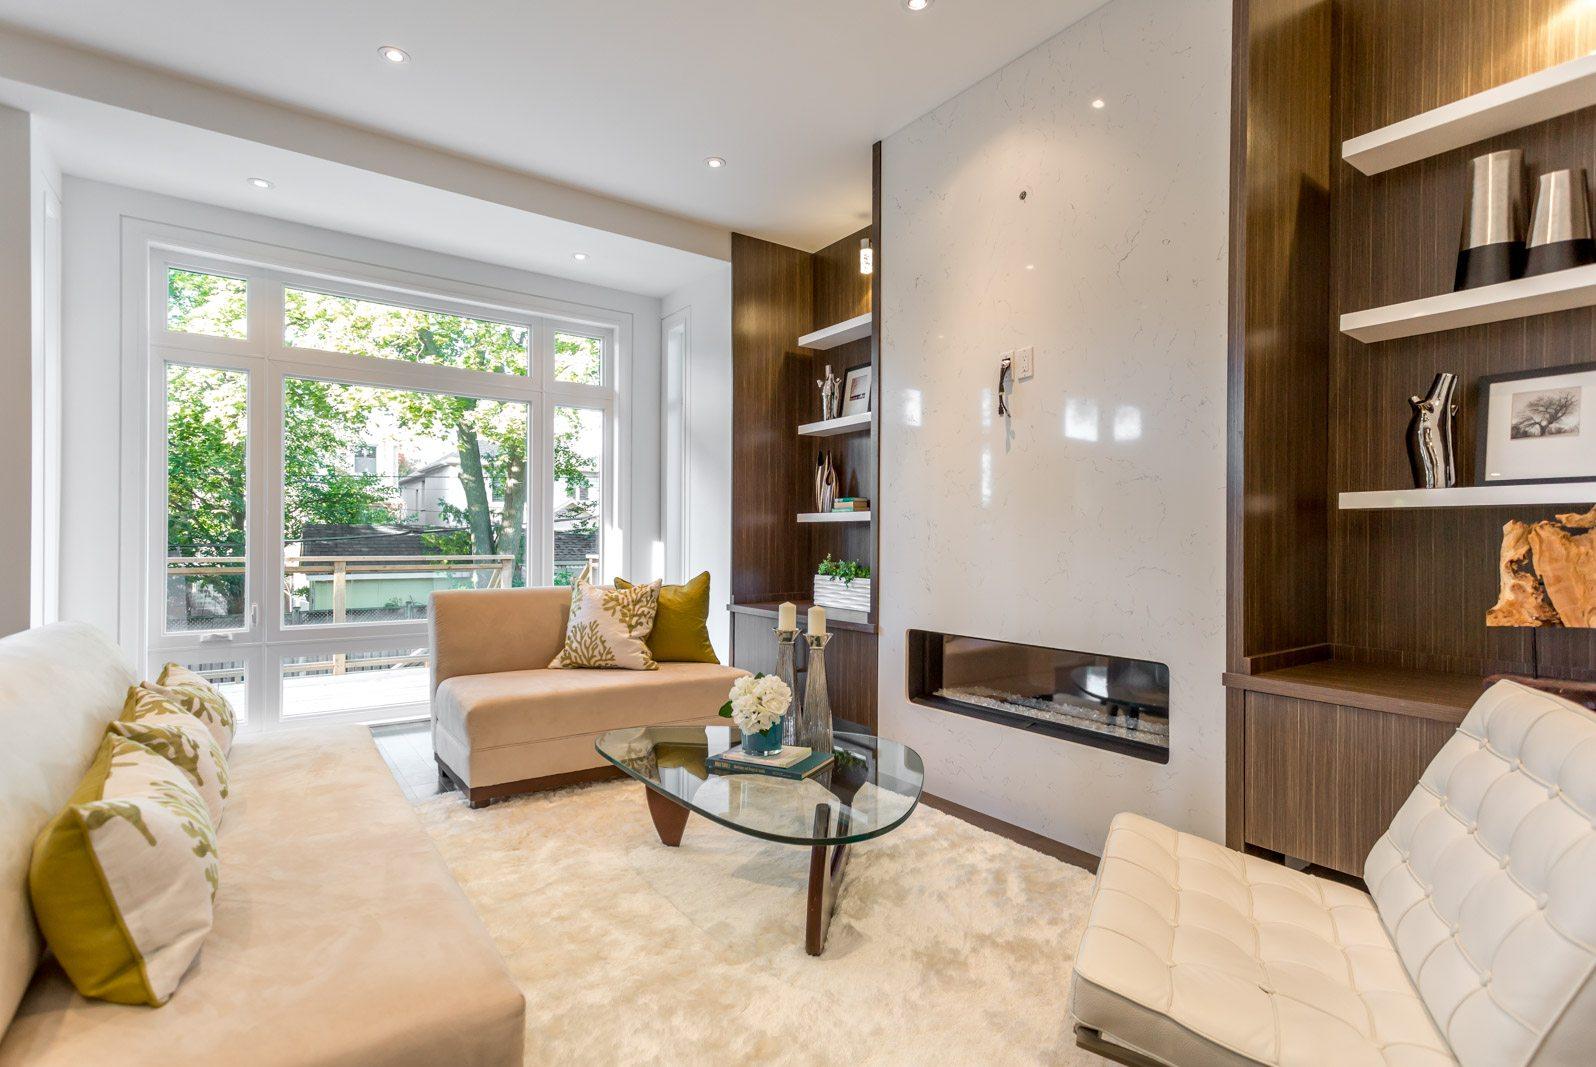 toronto-house-for-sale-118-brooke-avenue-7